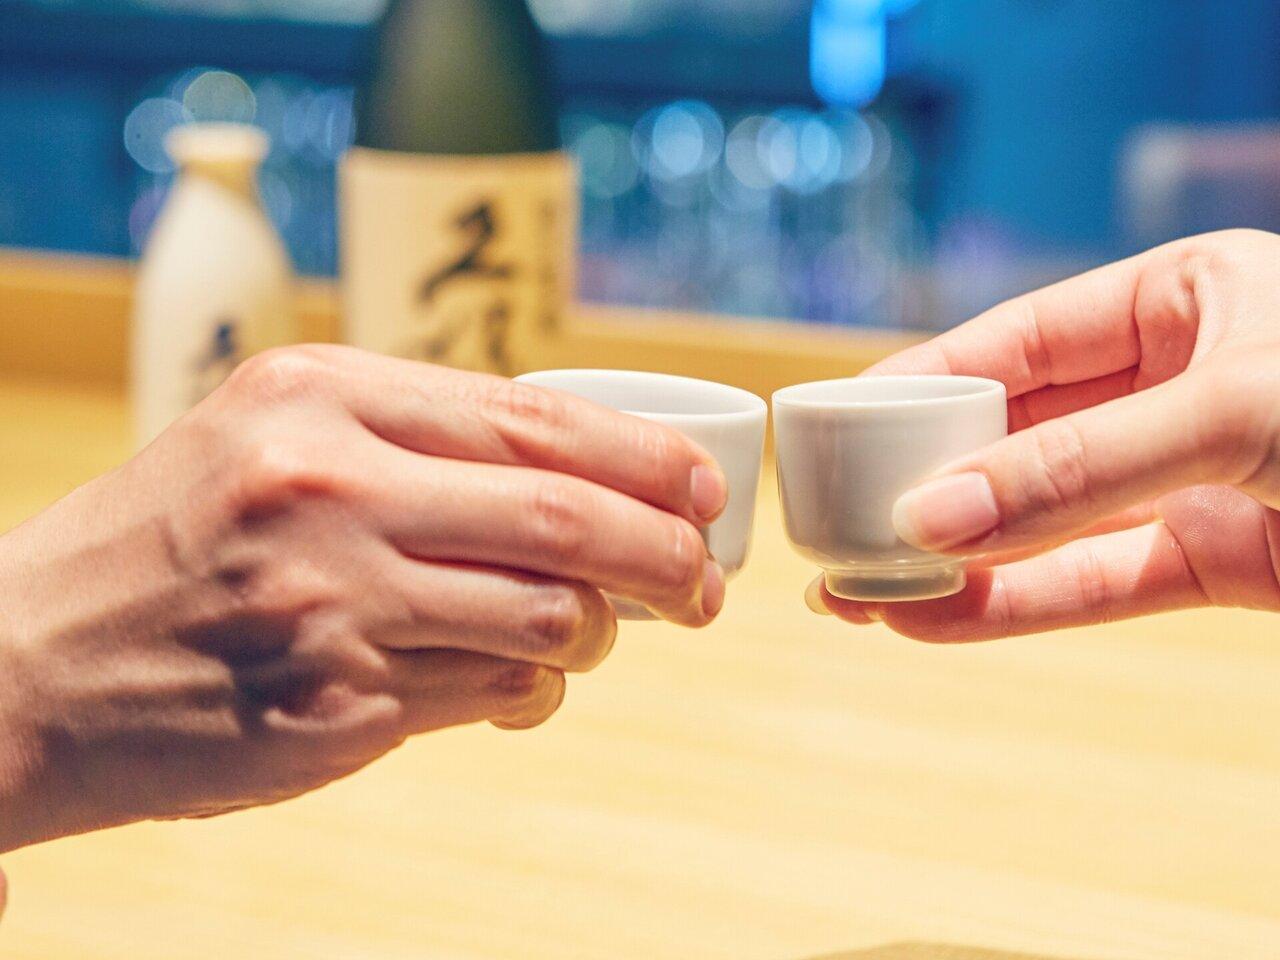 いい夫婦の日にパートナーが喜ぶプレゼントを。乾杯に最適な日本酒や酒器も